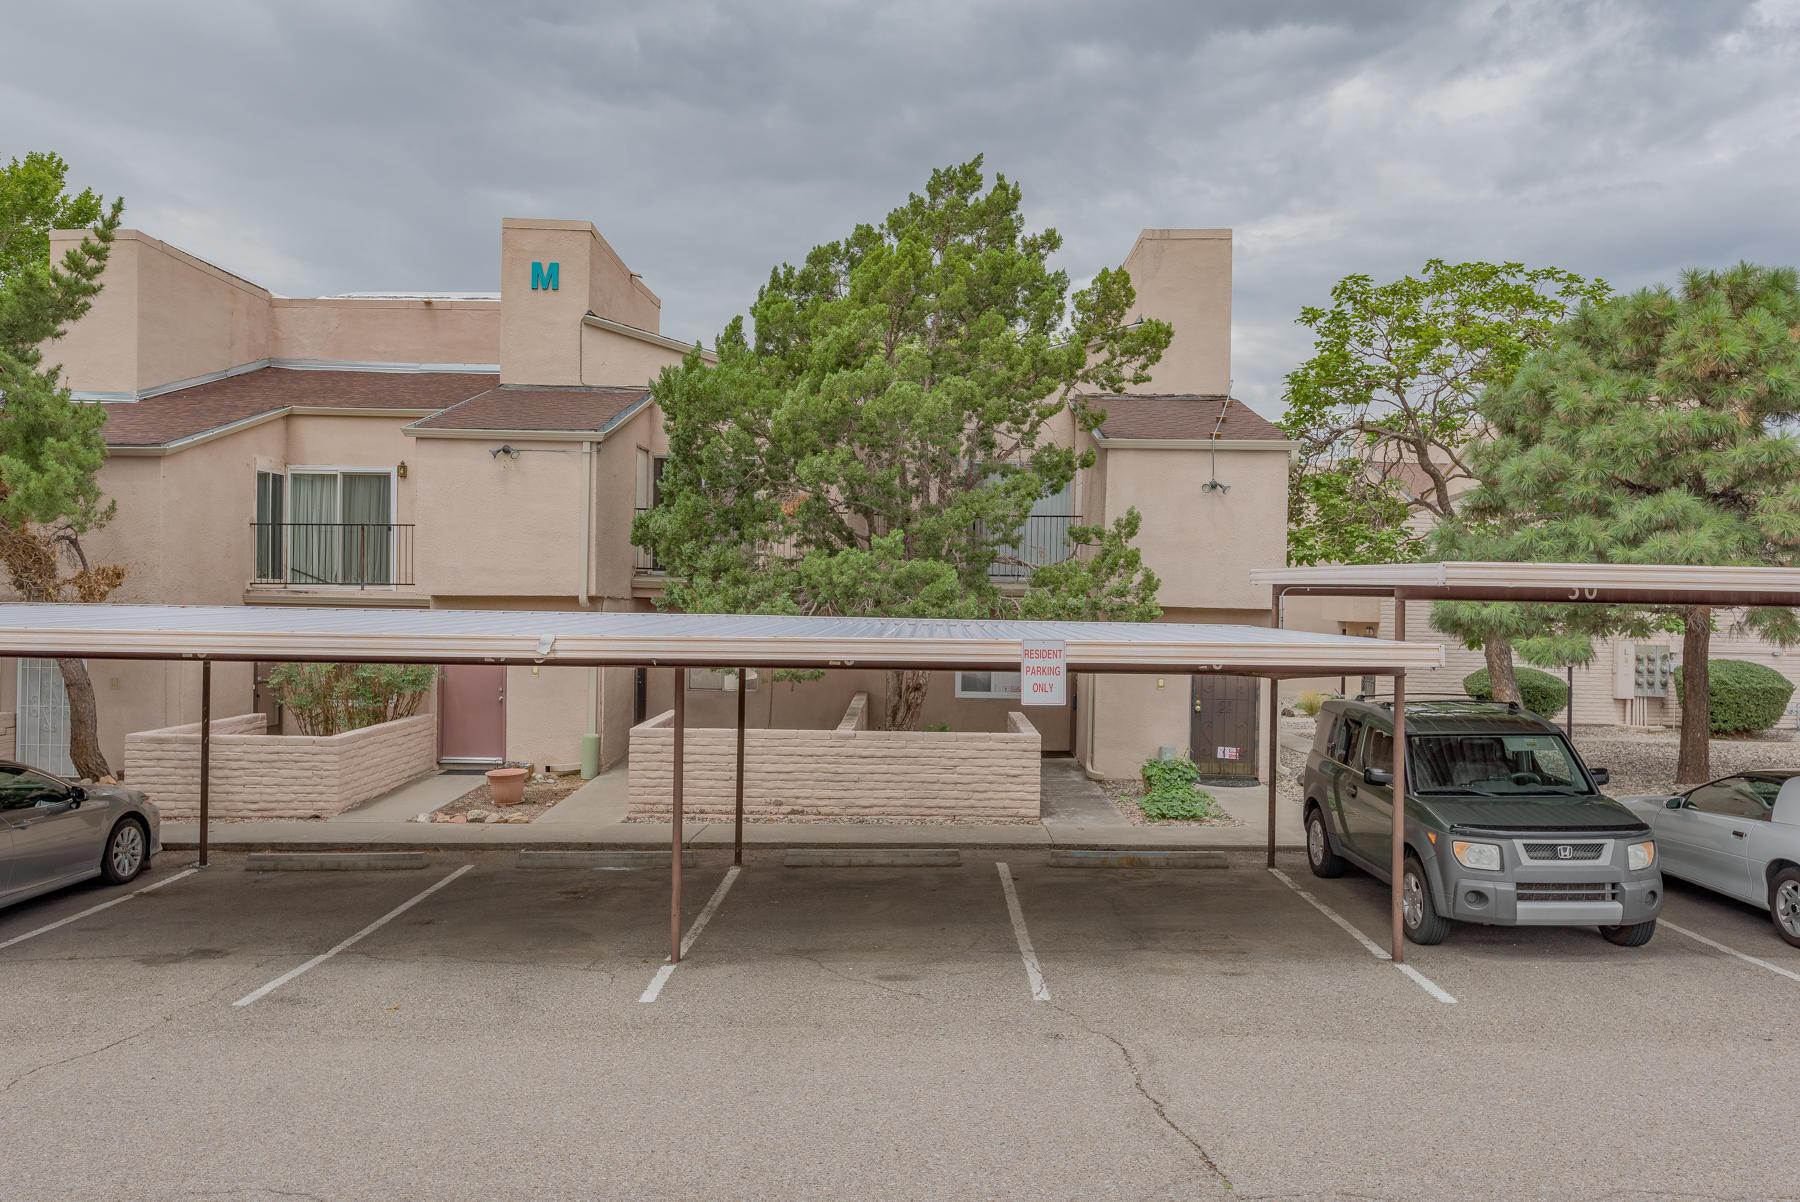 3501 JUAN TABO BLVD NE Boulevard Unit M-7, Albuquerque NM 87111